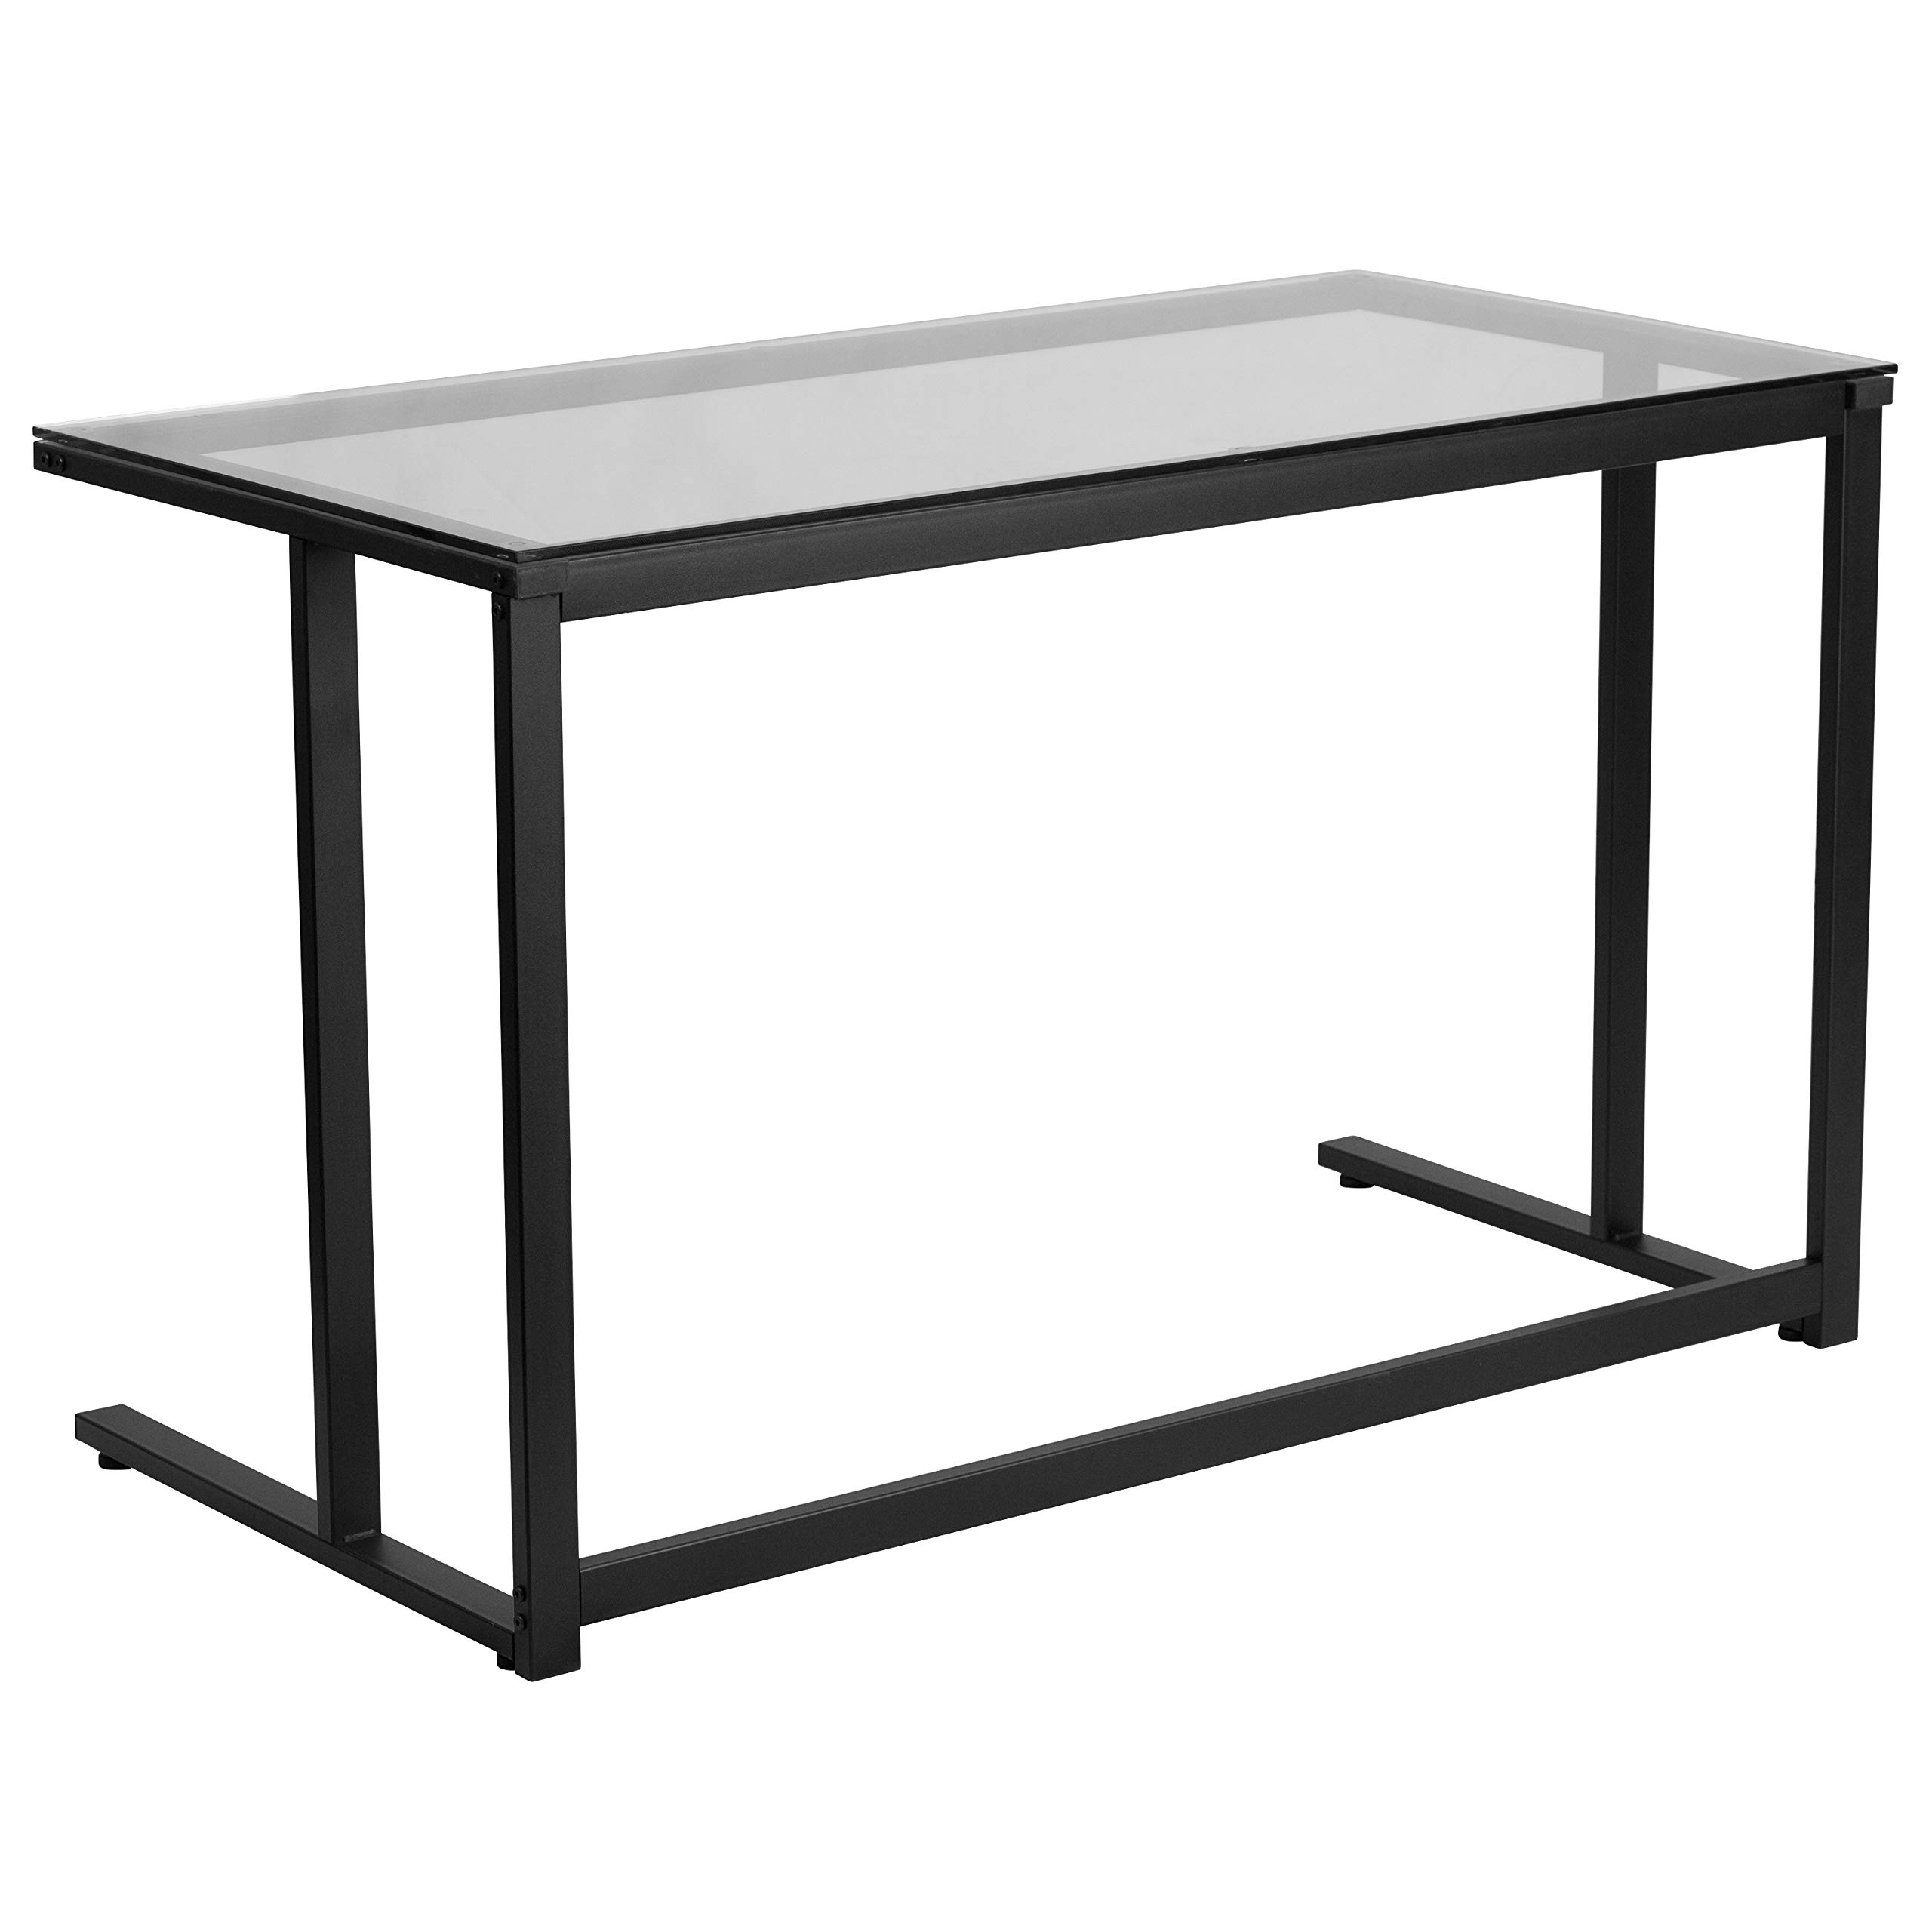 Flash Furniture Glass Desk with Black Pedestal Frame by Flash Furniture